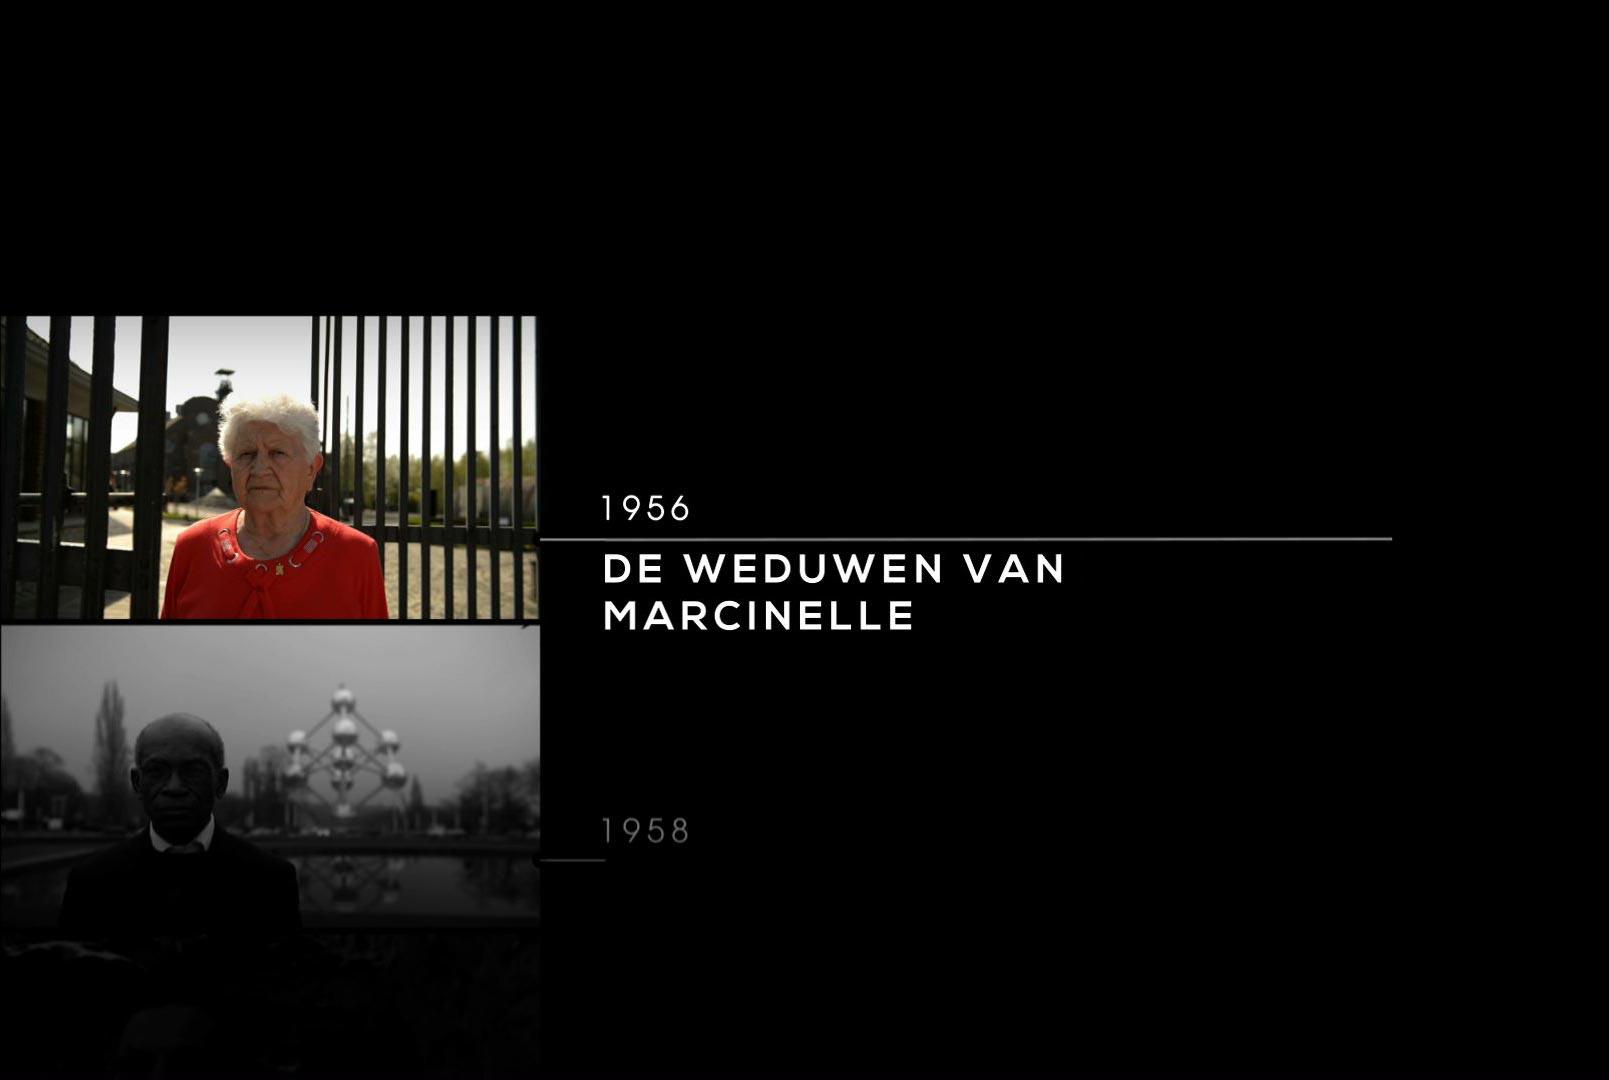 http://nooitmeerdezelfde.be/wp-content/uploads/2013/08/tijdlijn_MARCINELLE_opt1.jpg